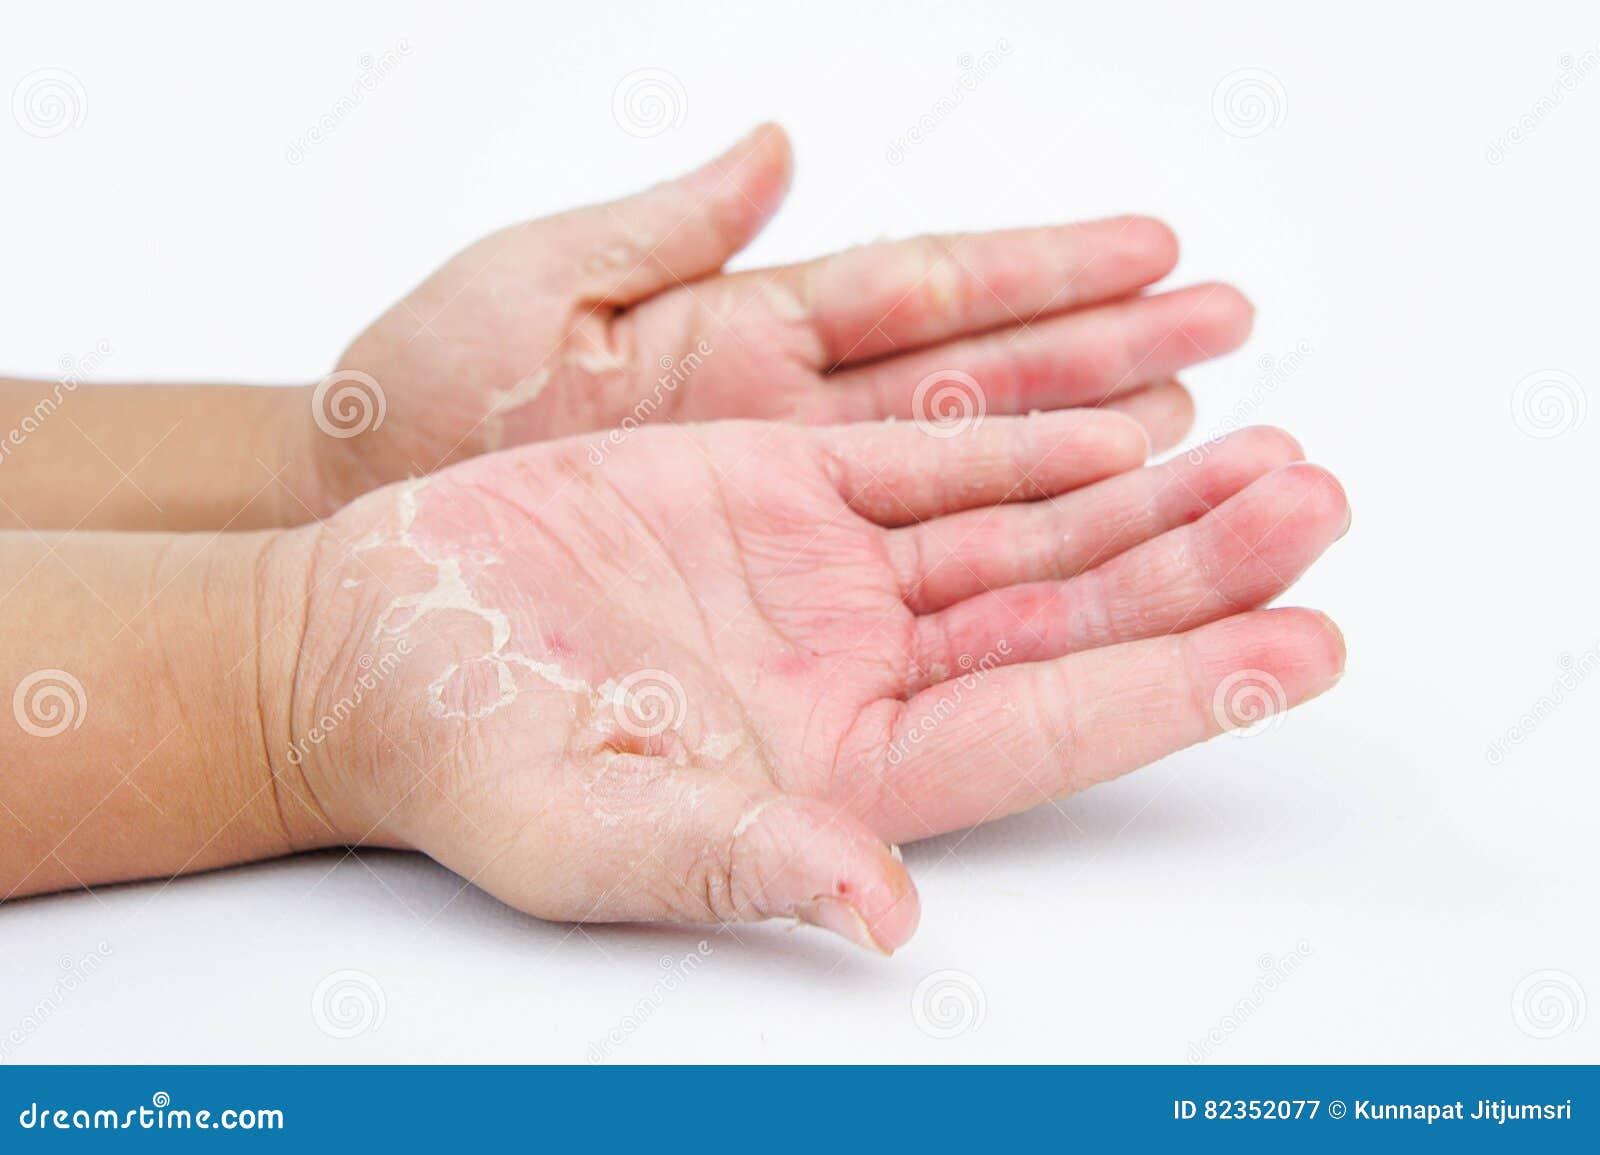 Come curare la psoriasi su unghie di gambe